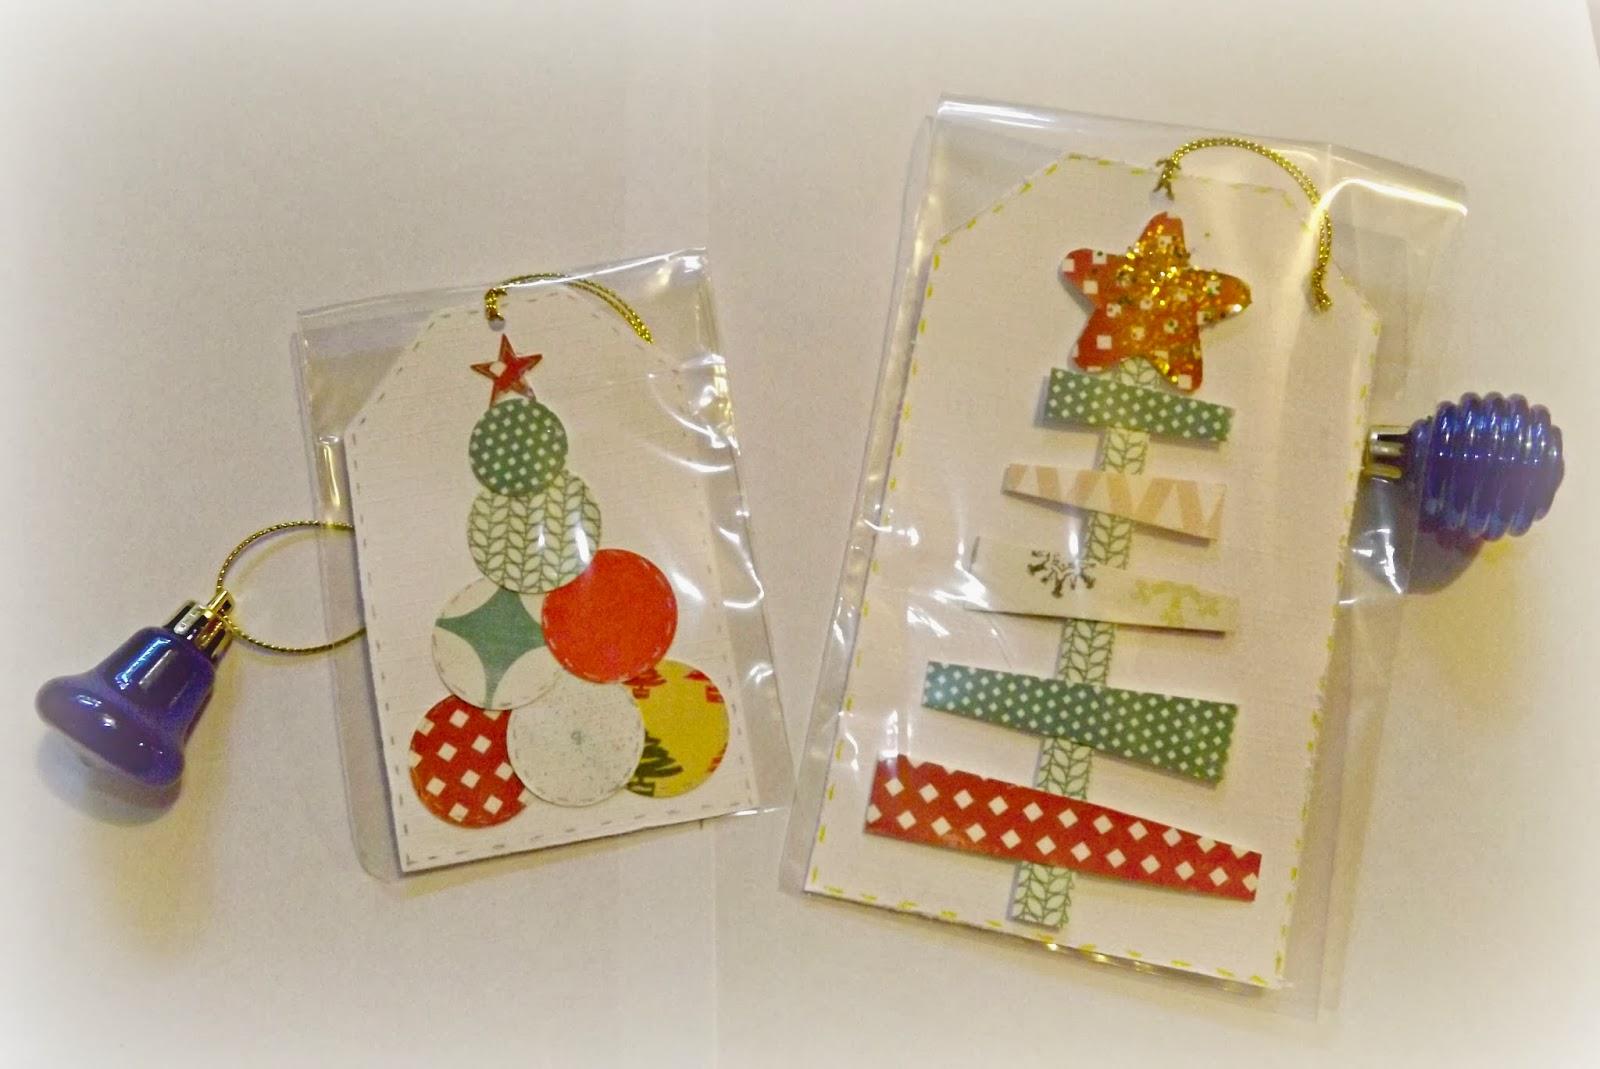 y como tambin la nia sigue queriendo a sus antiguas maestras hemos hecho unos detallitos para ellas tags para colgar en el rbol de navidad